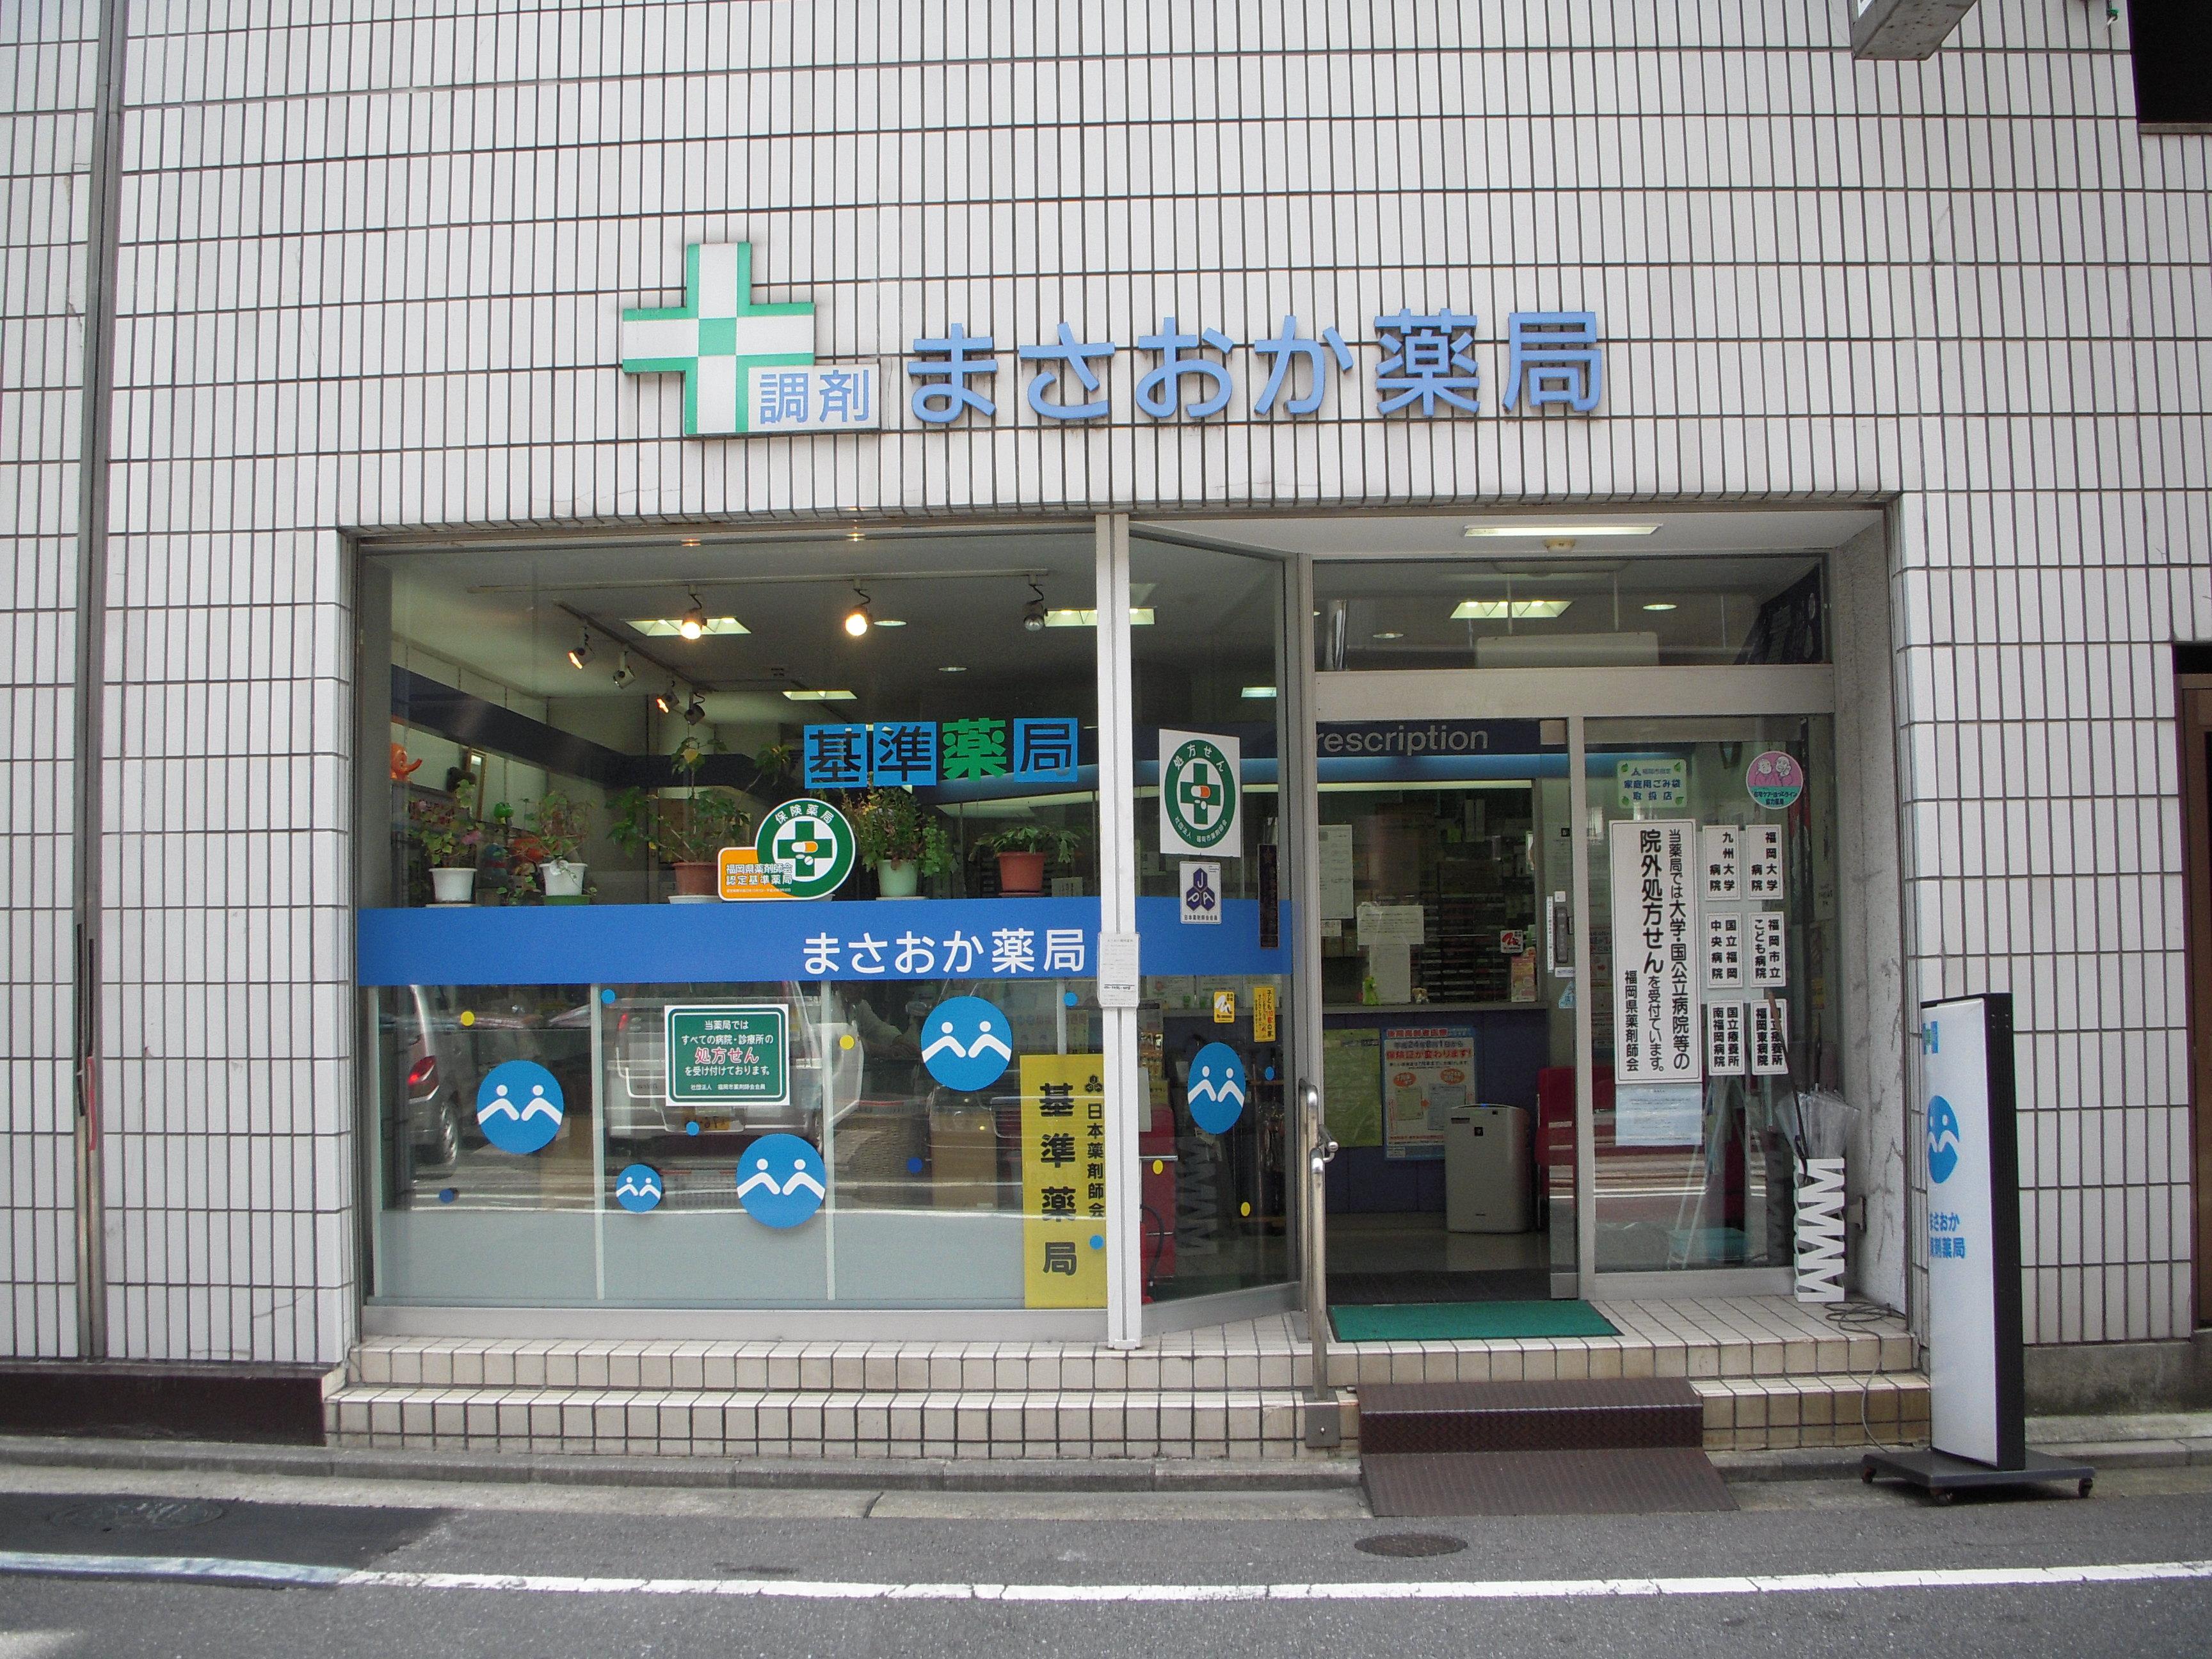 西三調剤薬局(福岡県福岡市早良区) | 薬剤師求人 …